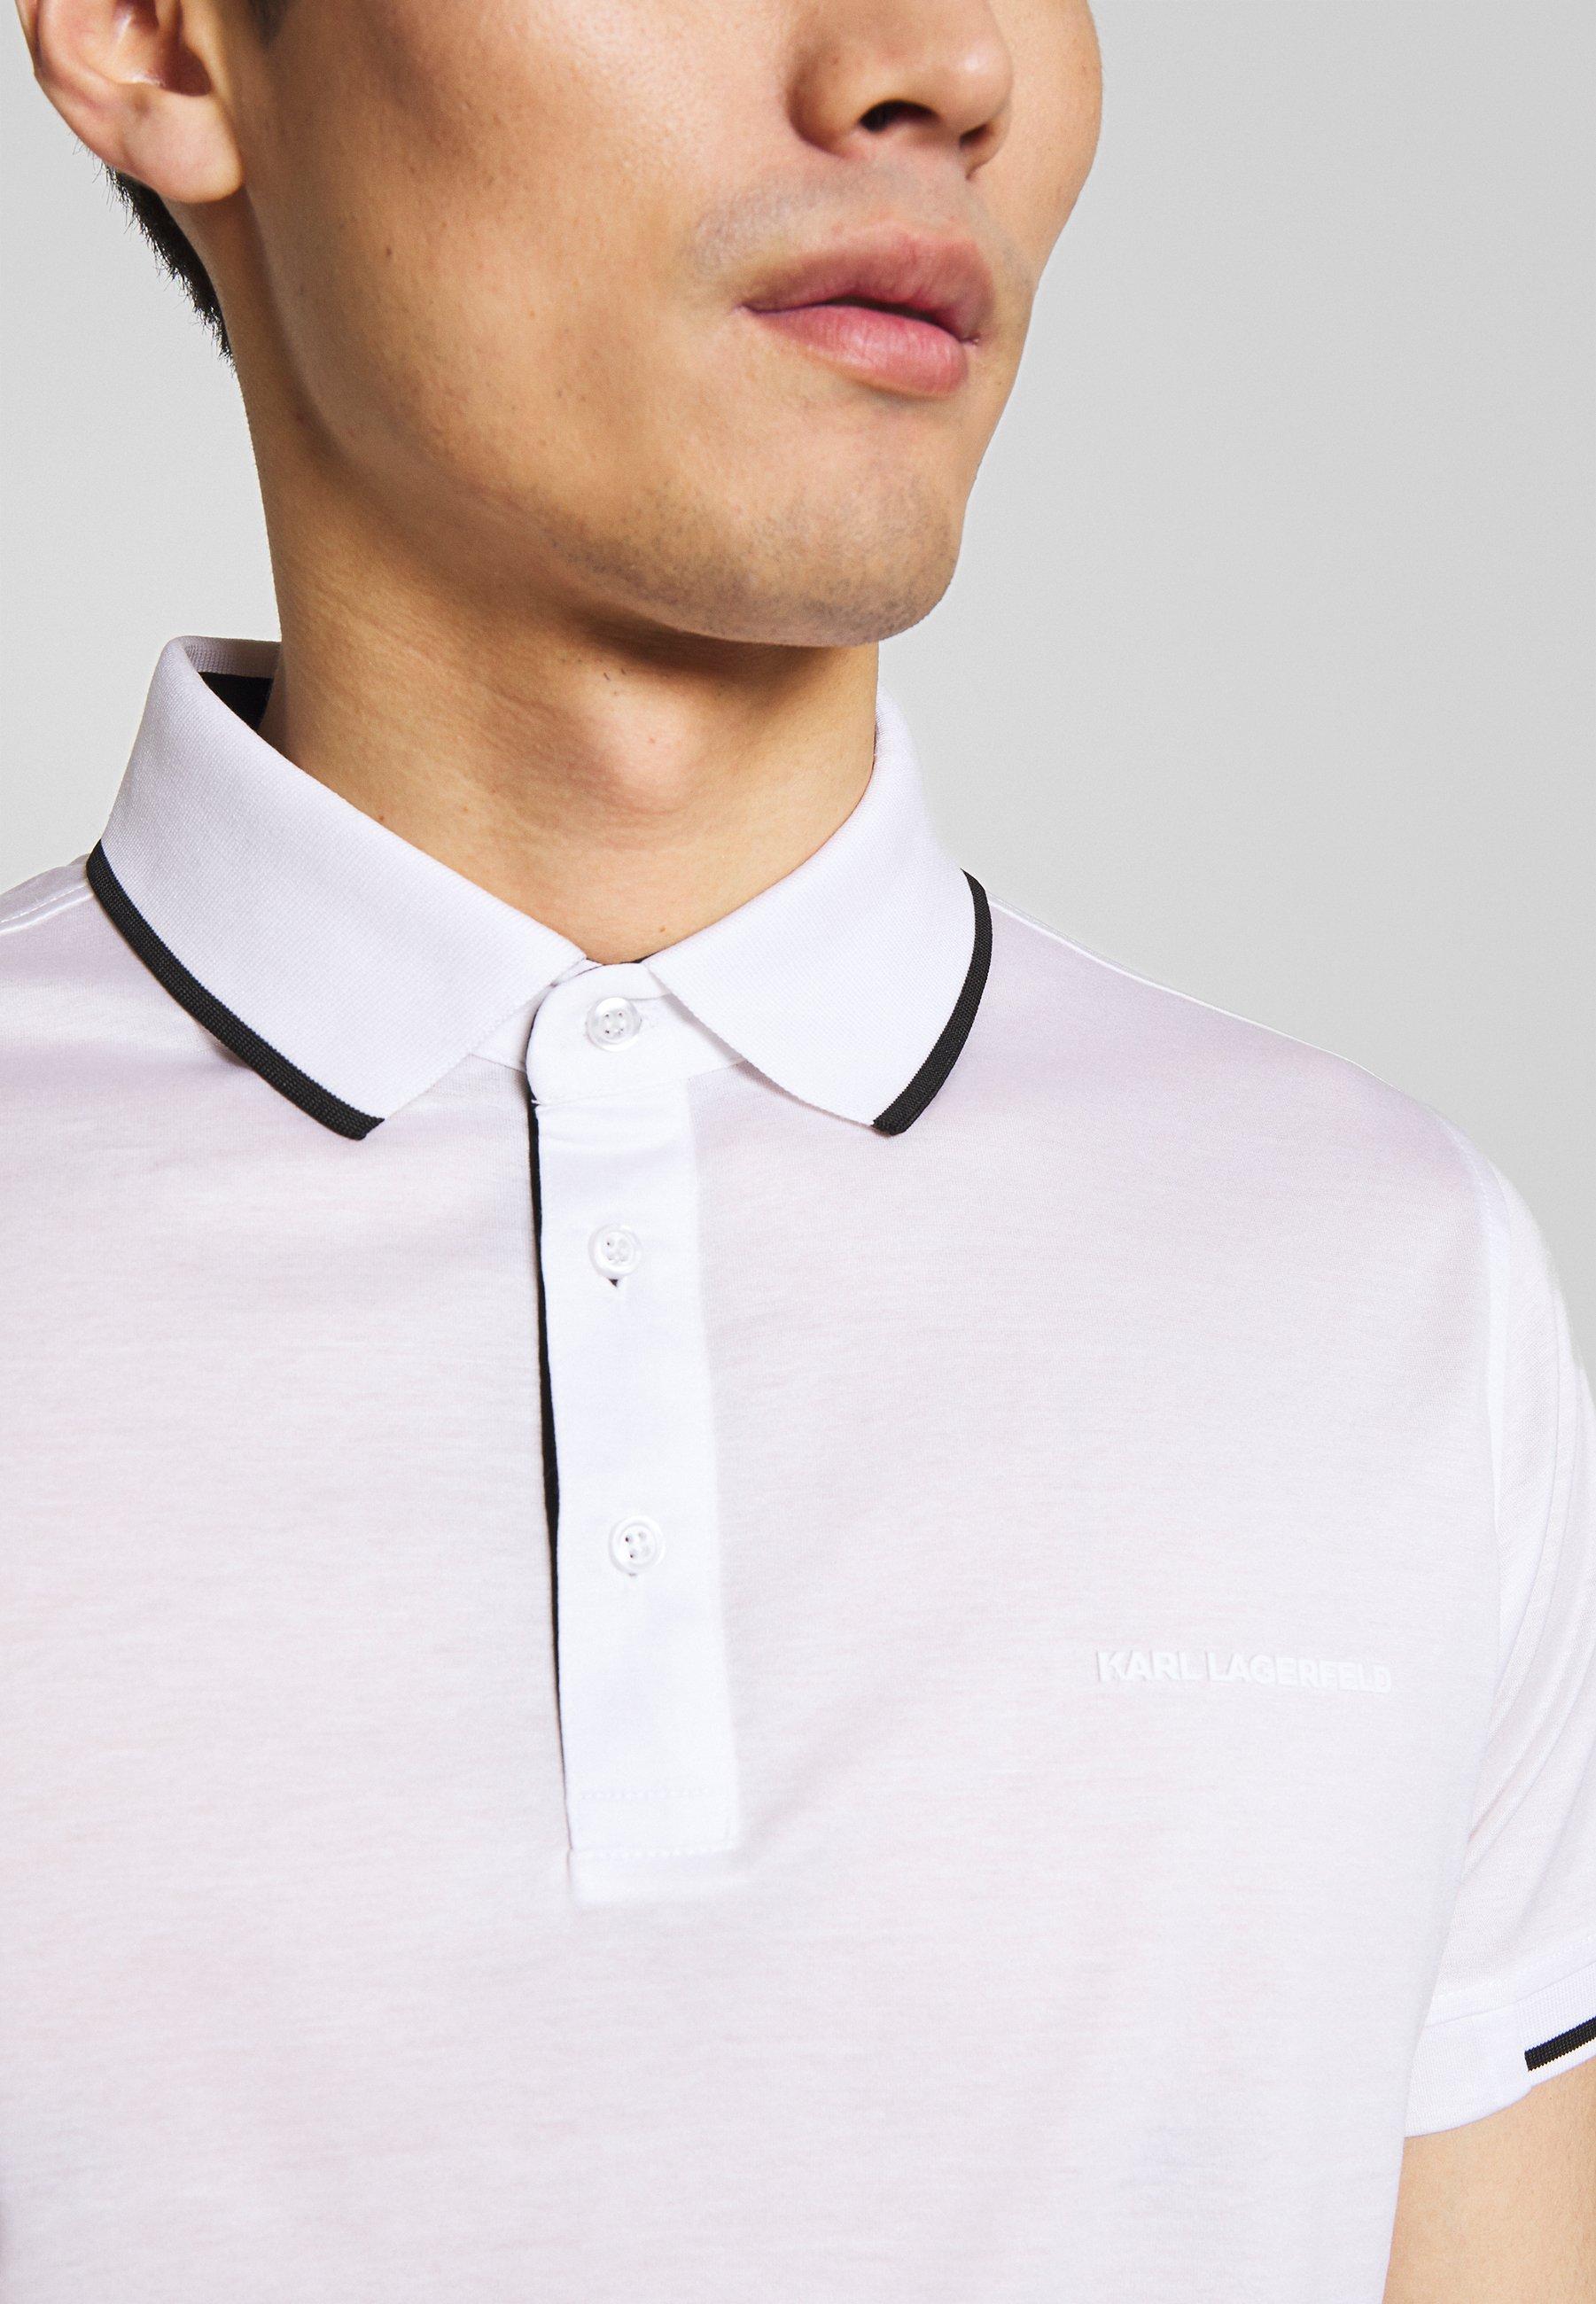 Tania cena Gorąca wyprzedaż KARL LAGERFELD Koszulka polo - white | Odzież męska 2020 piHEB